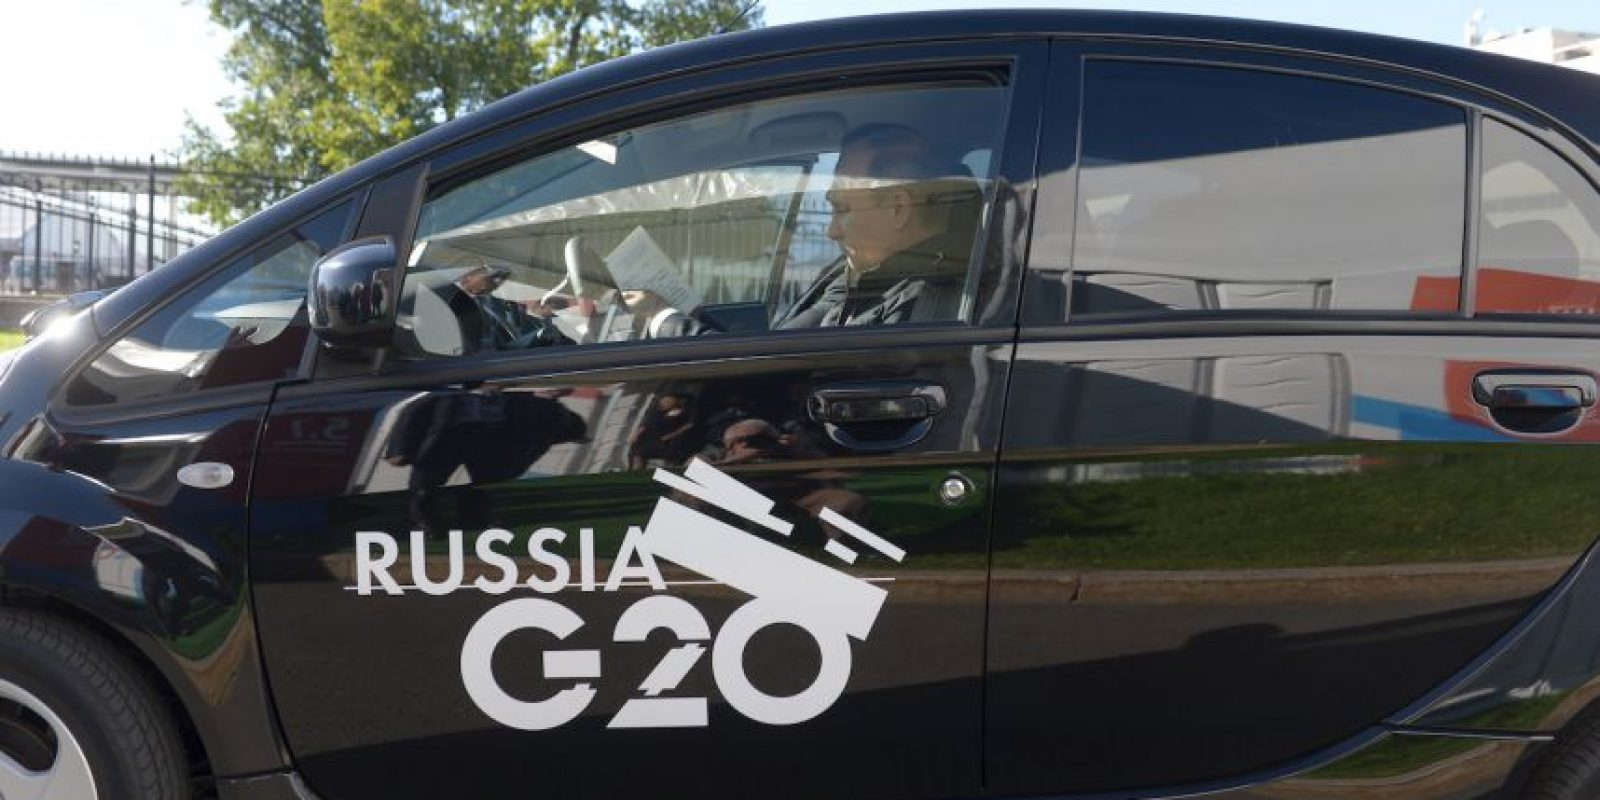 En mayo pasado, el sitio australiano Car Advice informó que la empresa Porsche asesorará a las empresas rusas para la manufactura de nuevos vehículos, los cuales serán utilizados por el gobierno. Foto:Getty Images